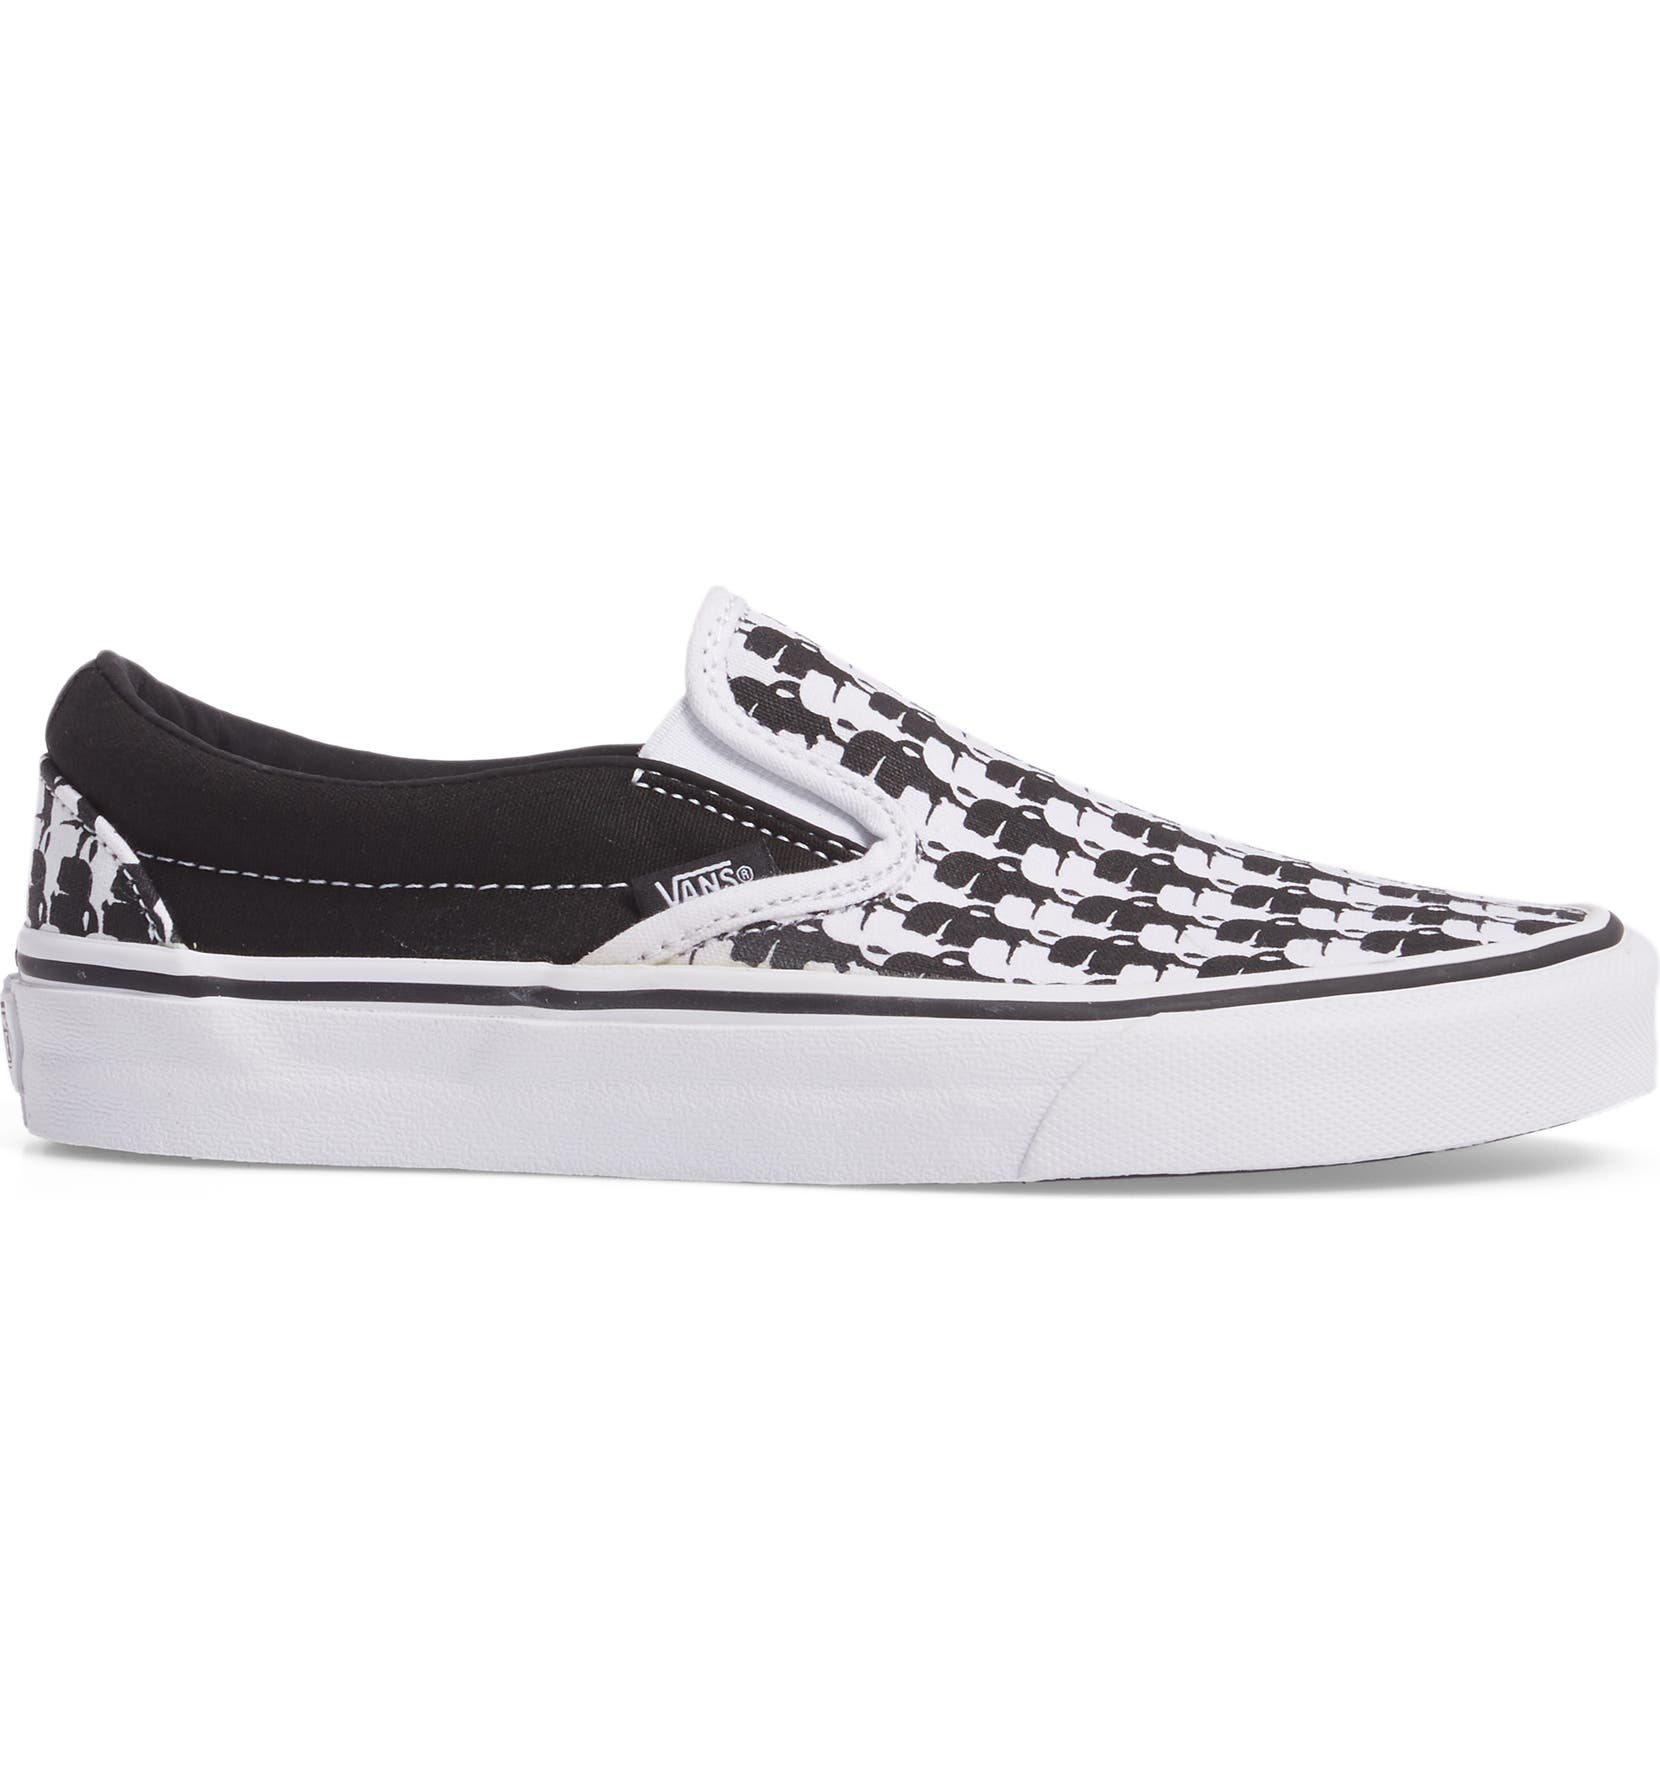 4e934da80b Vans x KARL LAGERFELD Houndstooth Slip-On Sneaker (Women)